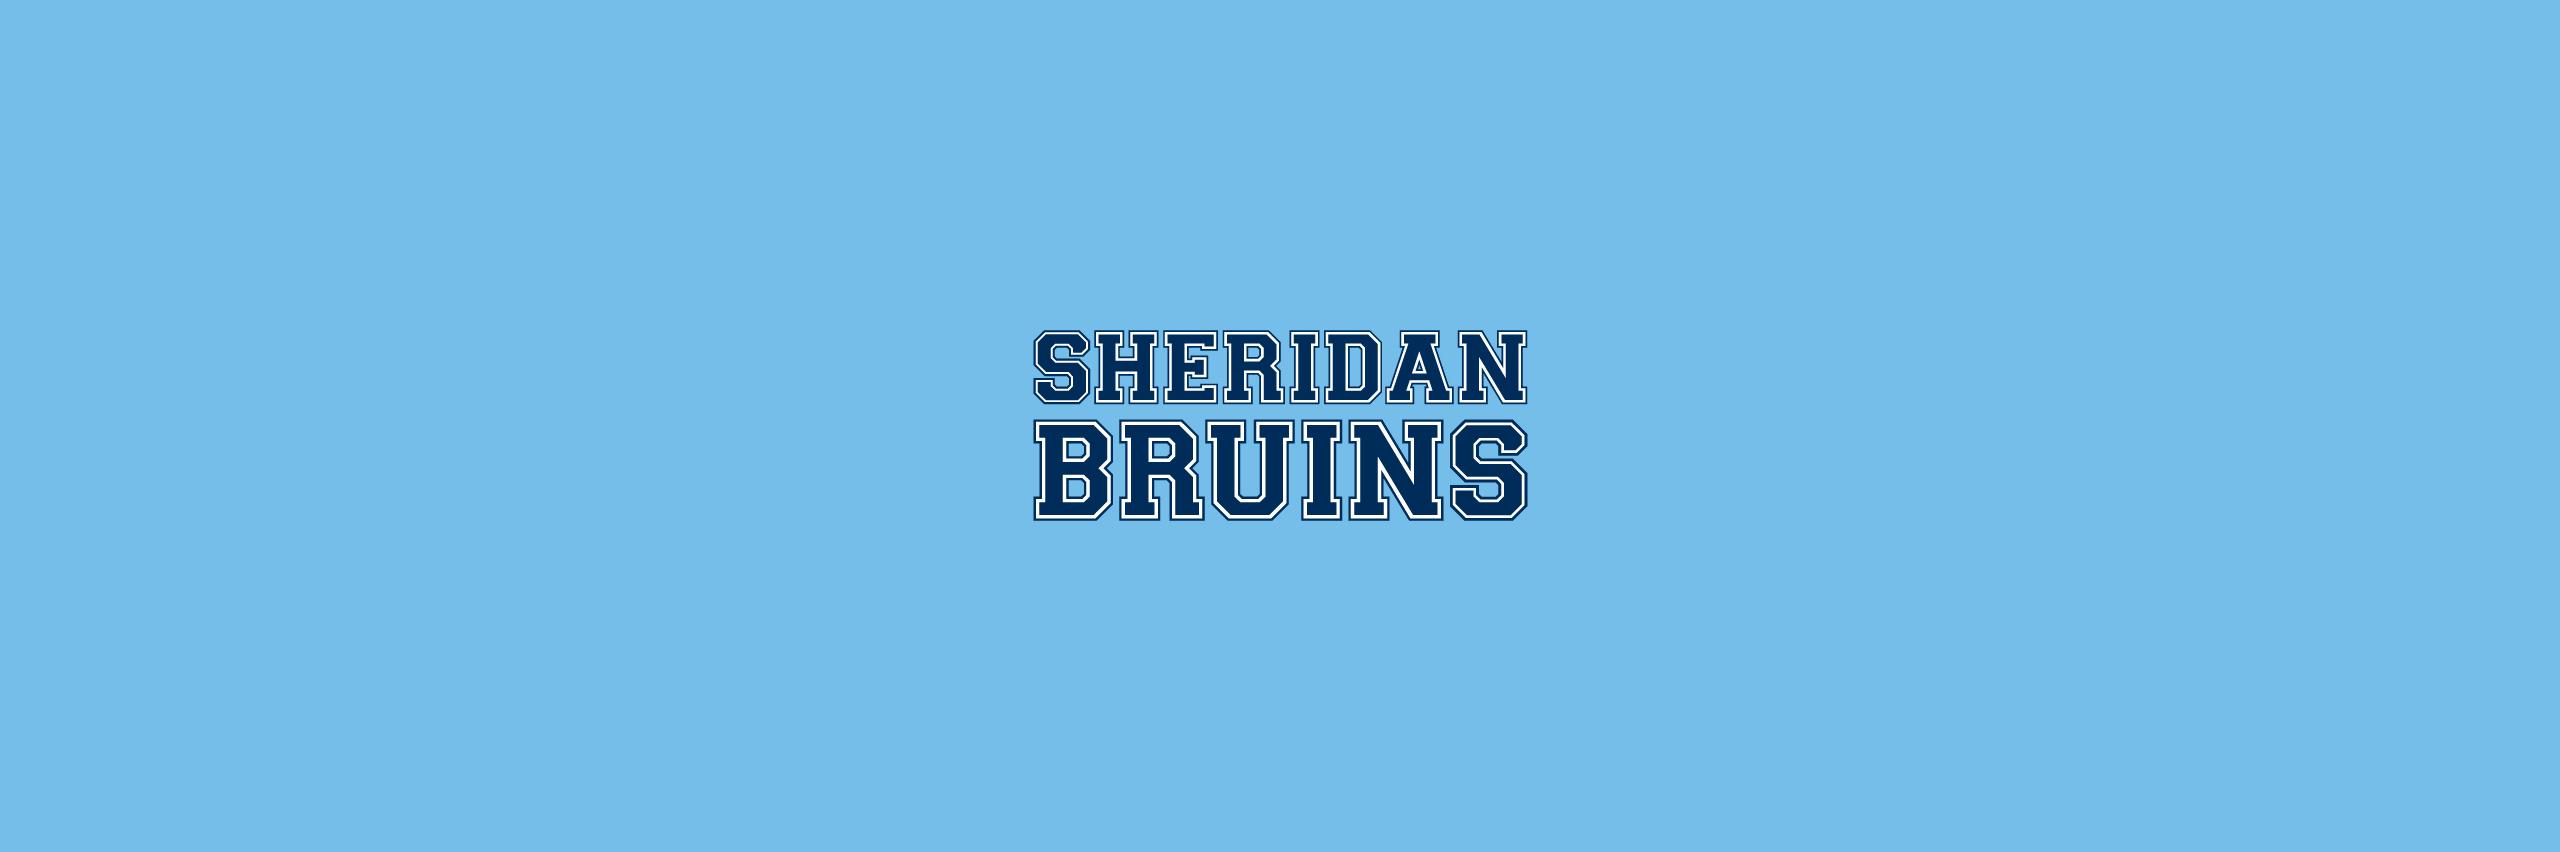 [OCAA] SHERIDAN BRIUNS